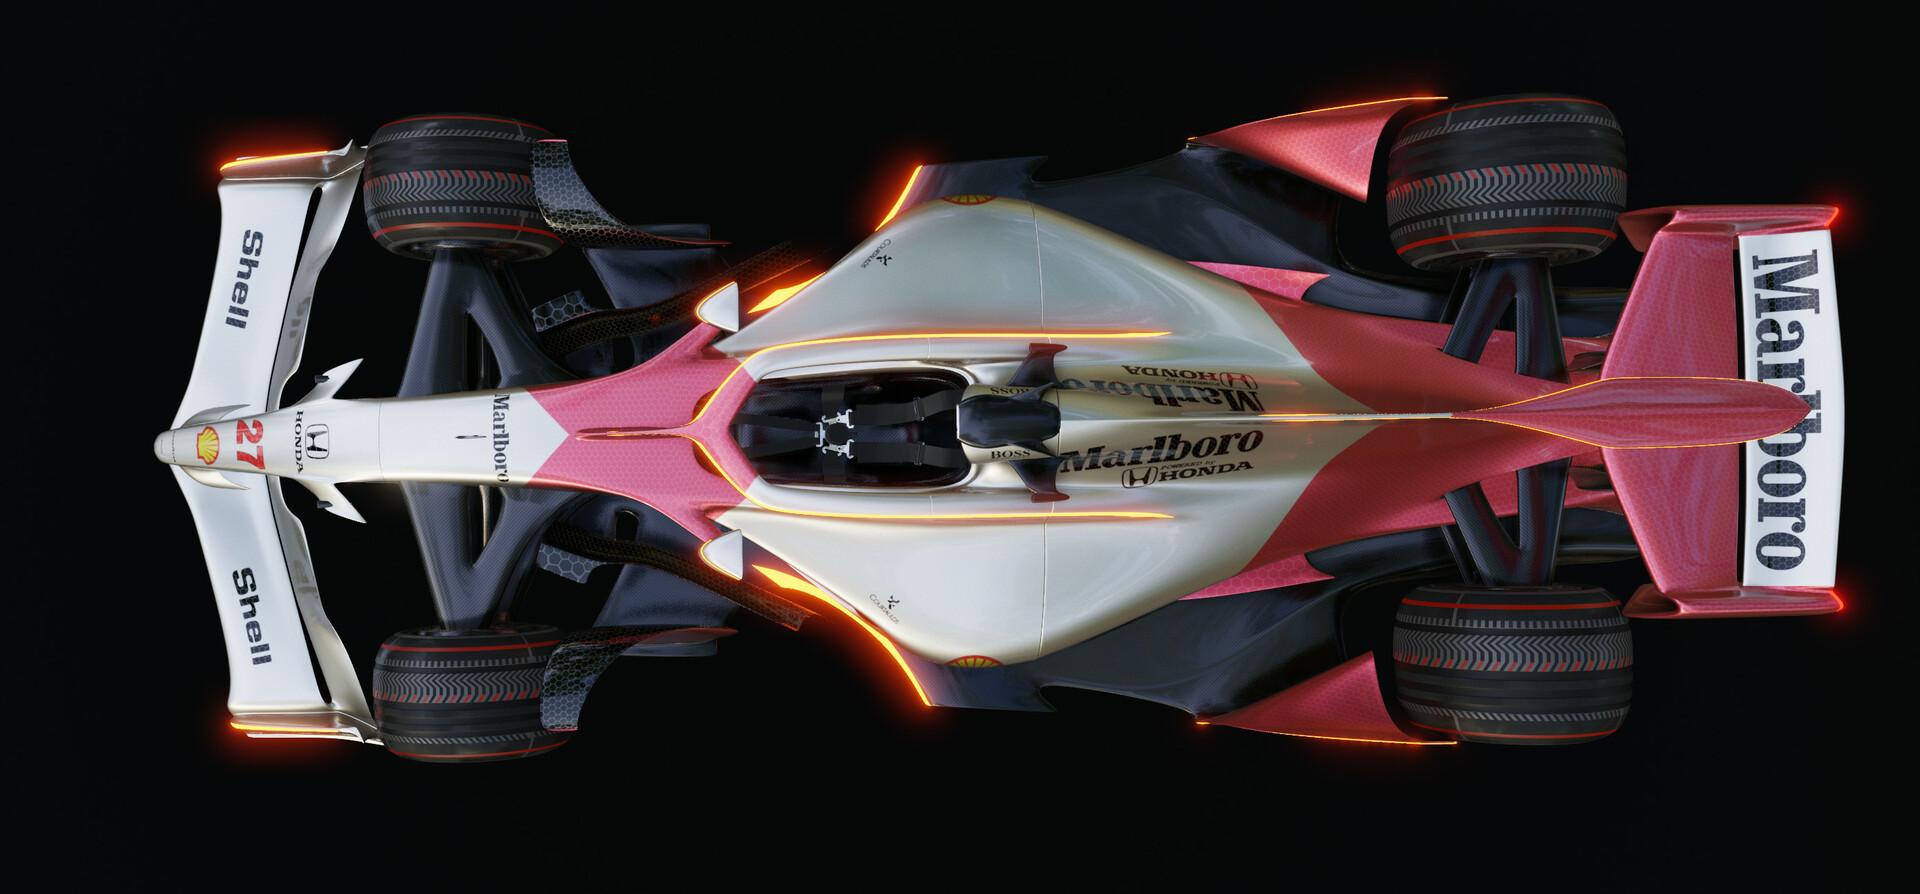 ArtStation - Futuristic F1 car Retro McLaren (Eevee